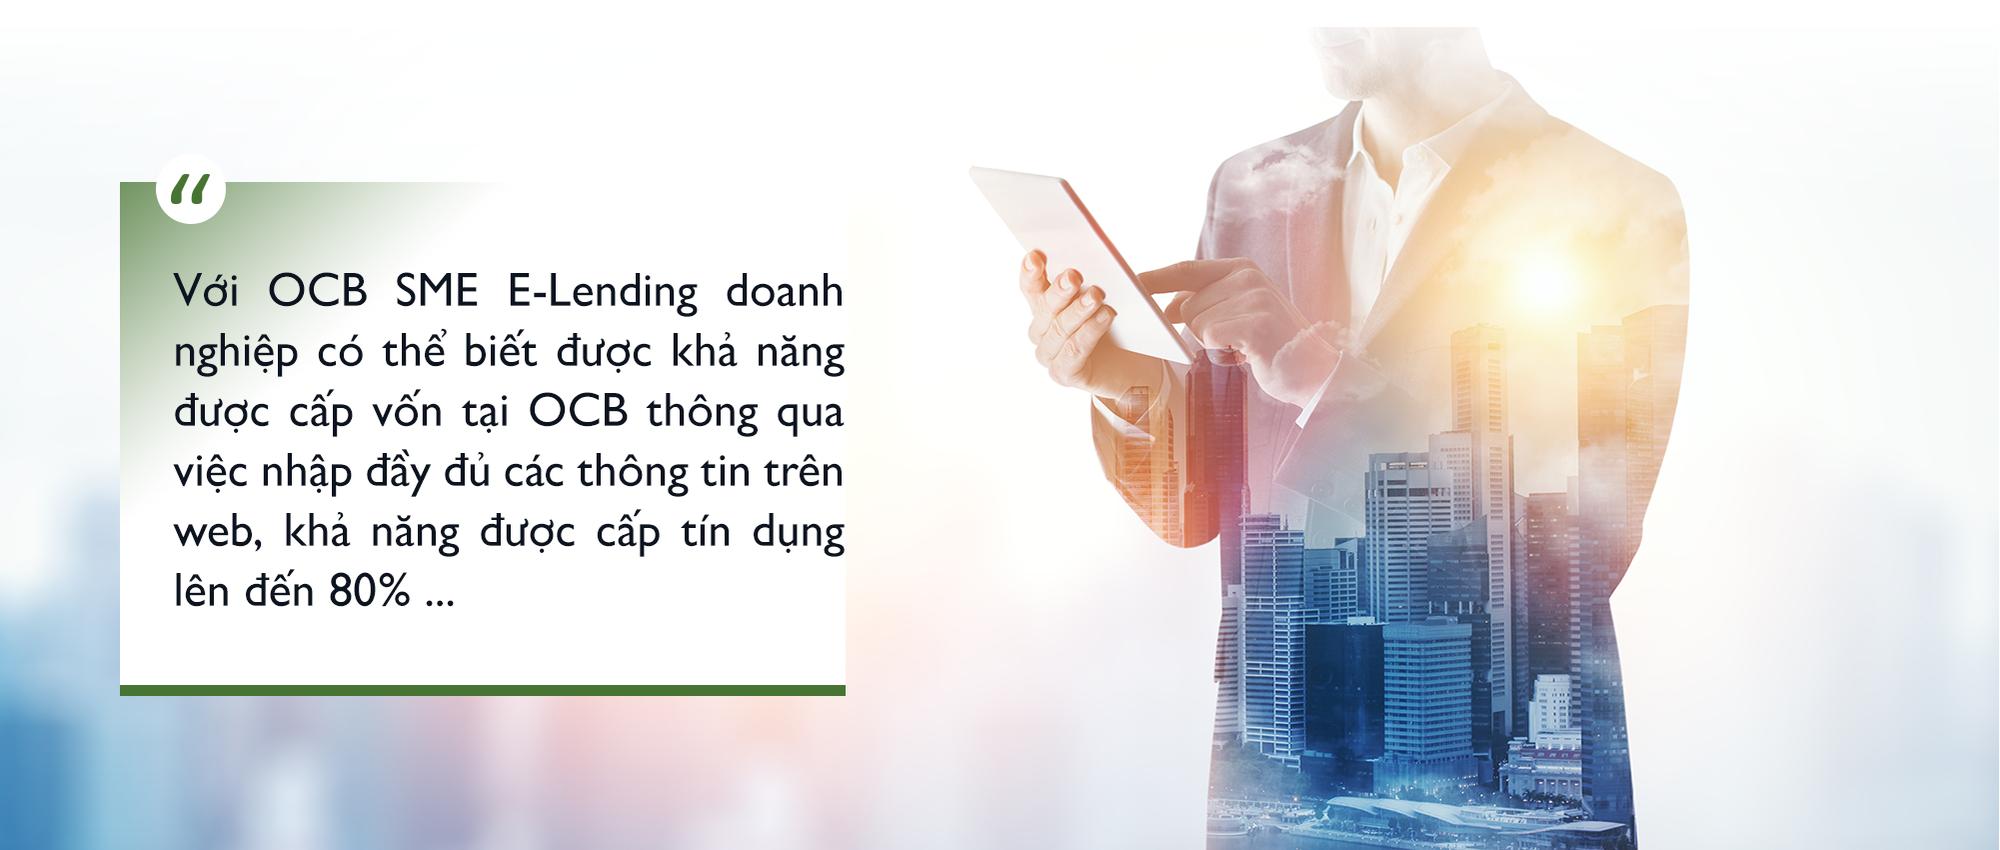 """Chỉ một """"cú nhấp chuột"""" OCB SME E-lending sẽ giúp khách hàng SME tiếp cận vốn vay trực tiếp từ ngân hàng - Ảnh 7."""